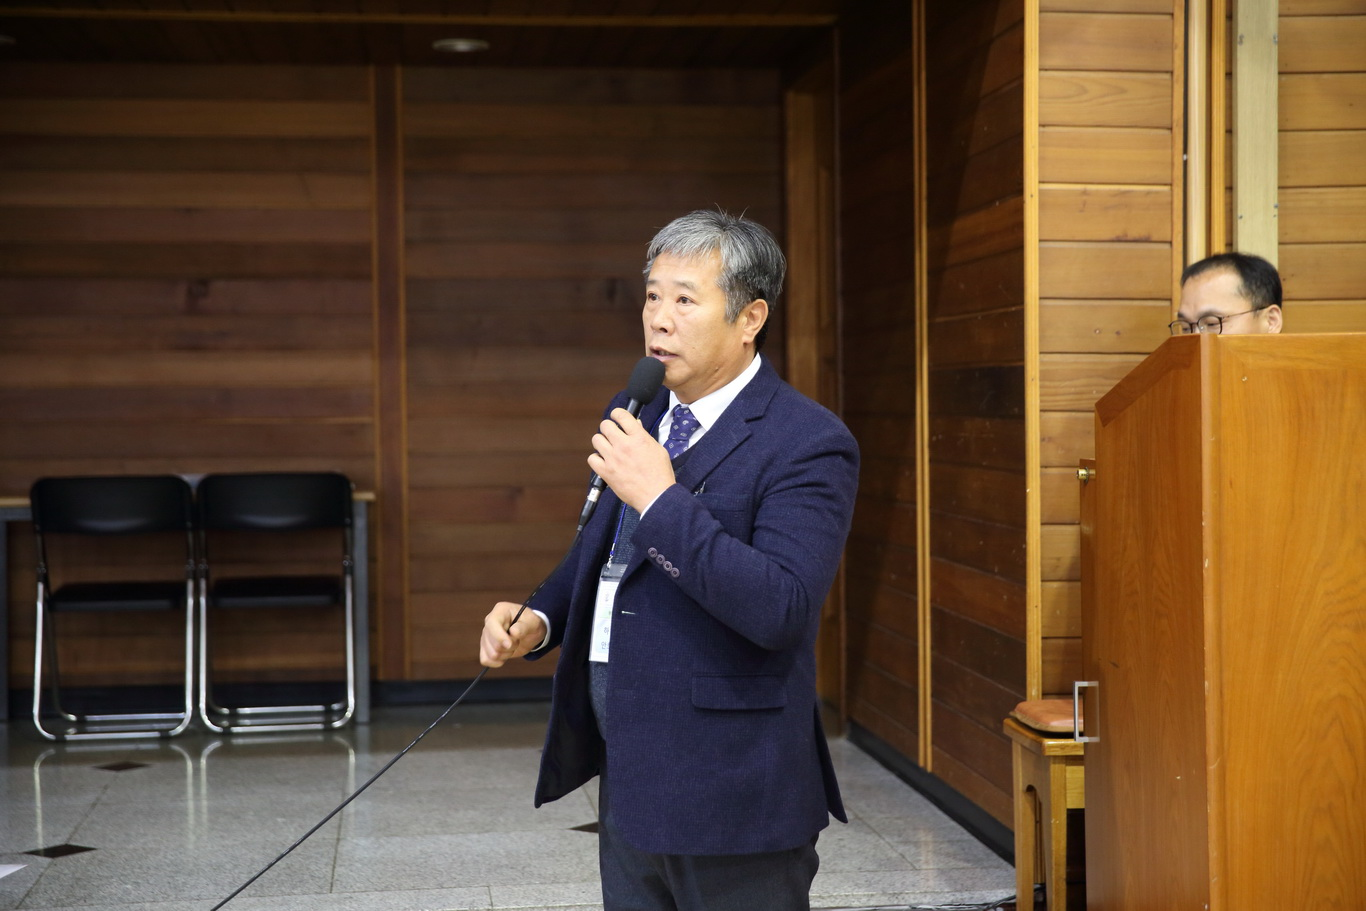 2019-12-15 세례식 (058)_크기변경.JPG